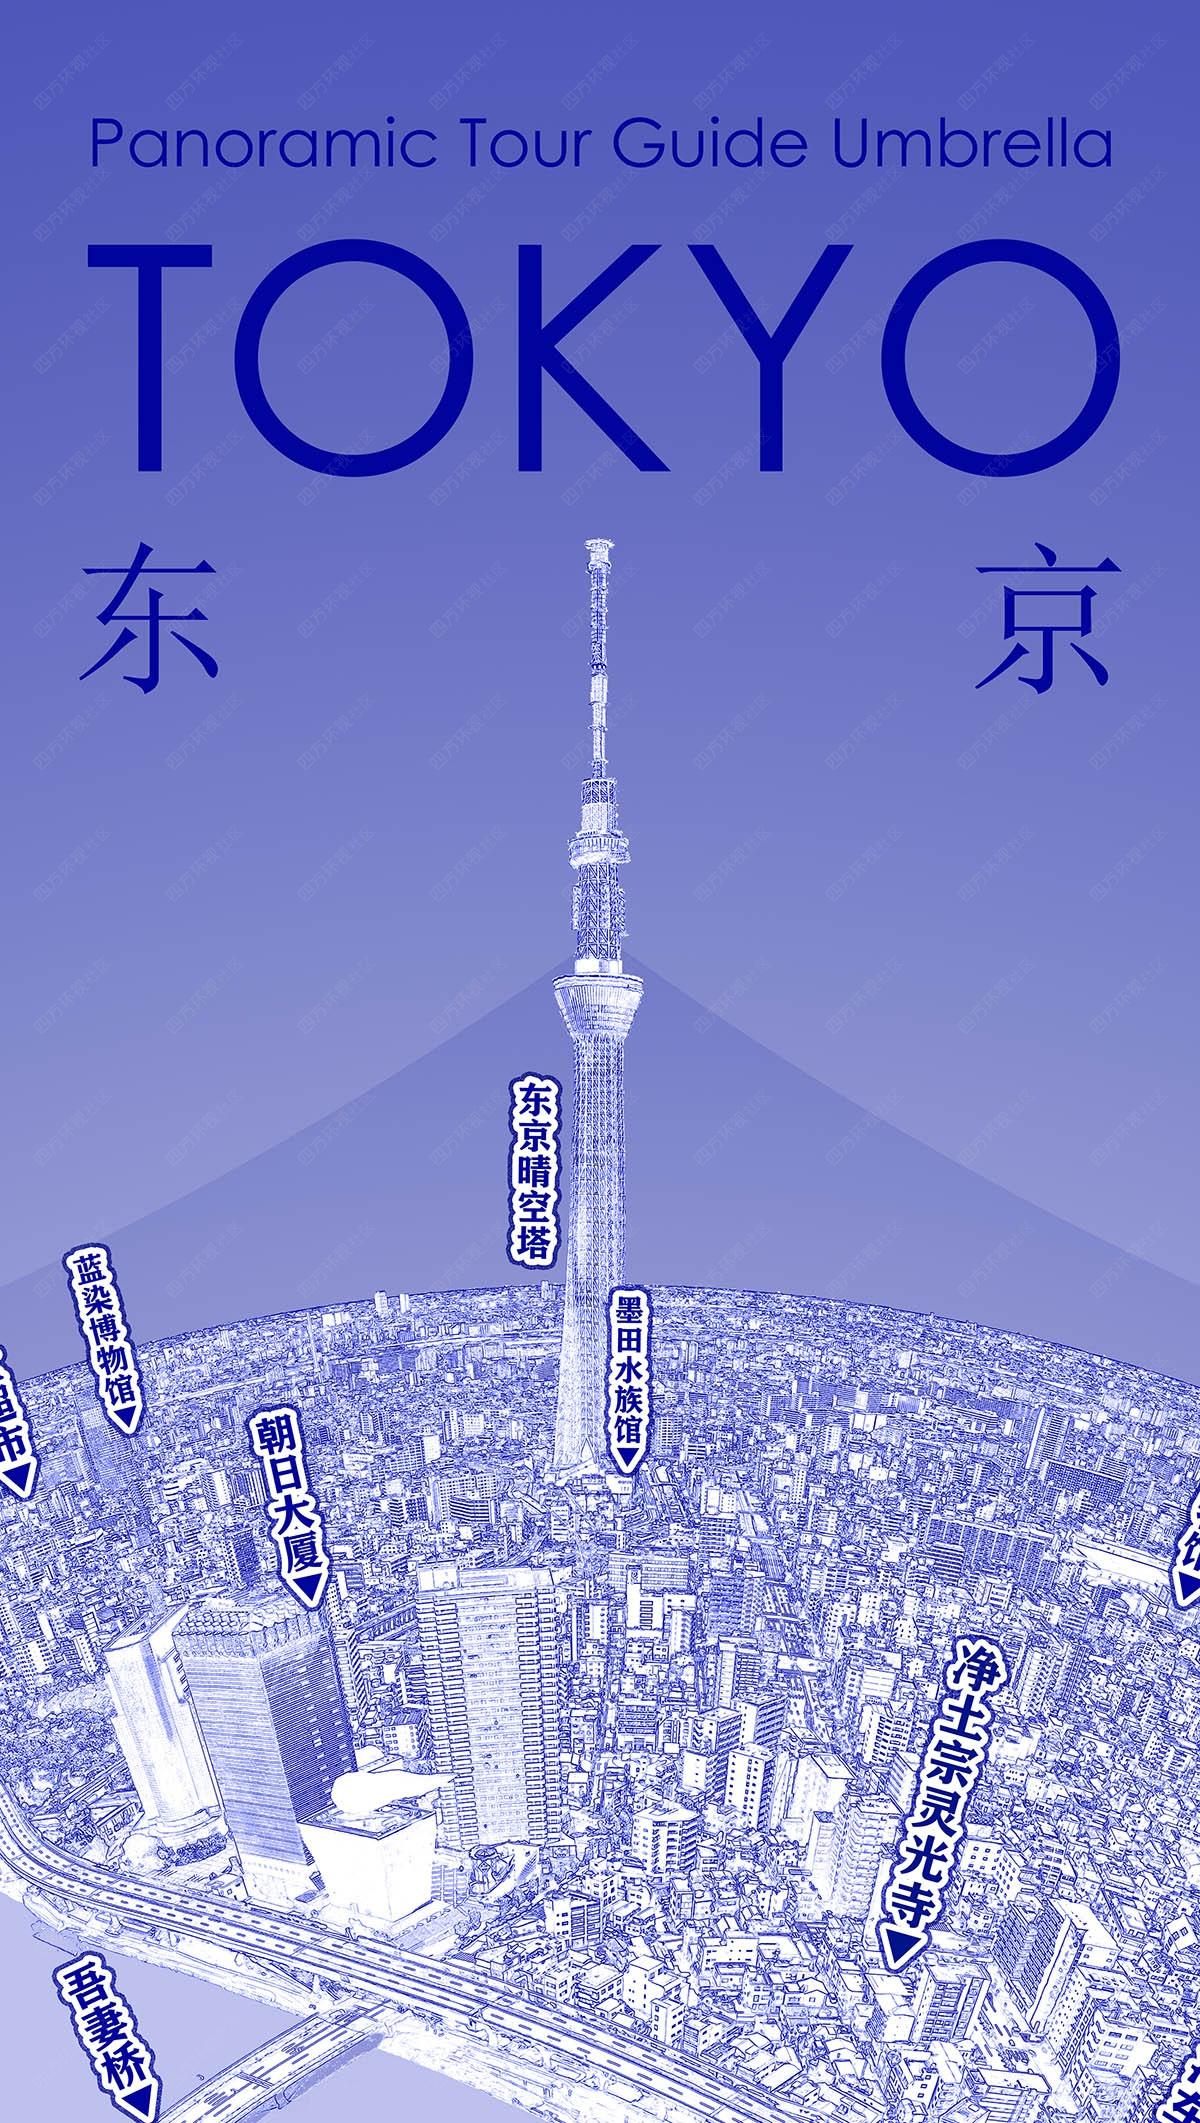 1东京晴空塔.jpg